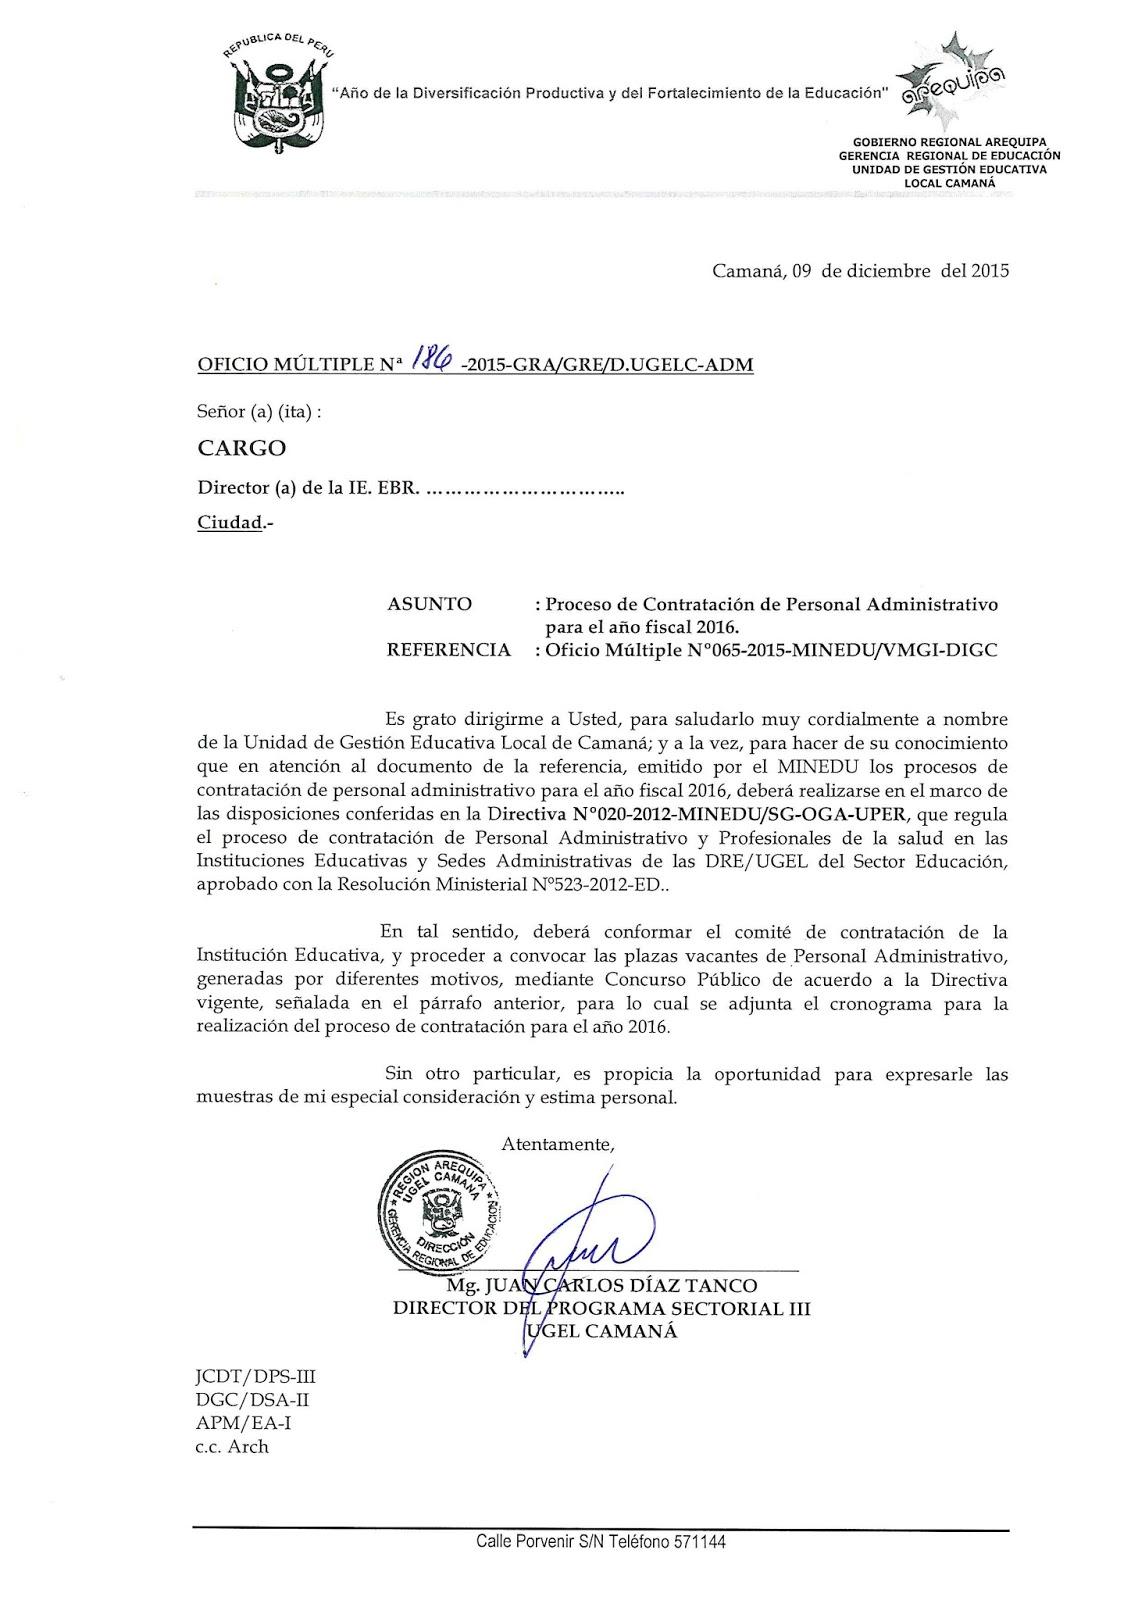 Contratos De Personal Administrativo 2016 Noticias M S